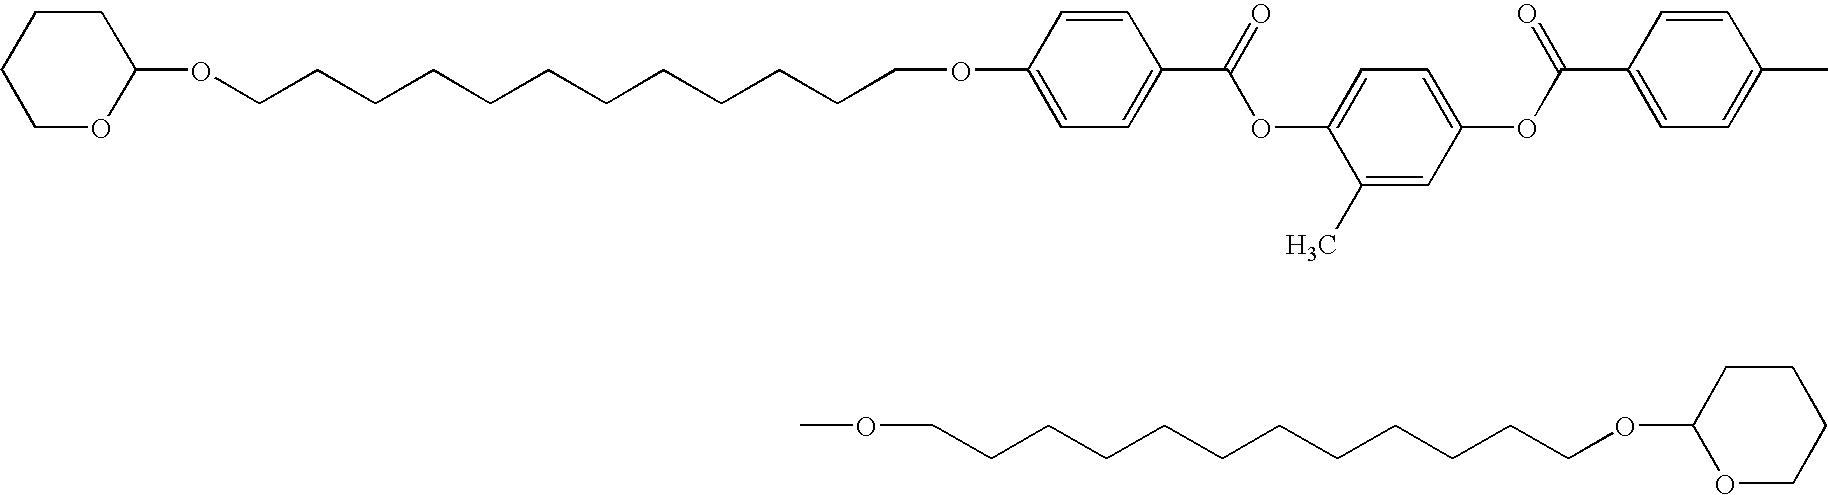 Figure US20100014010A1-20100121-C00145